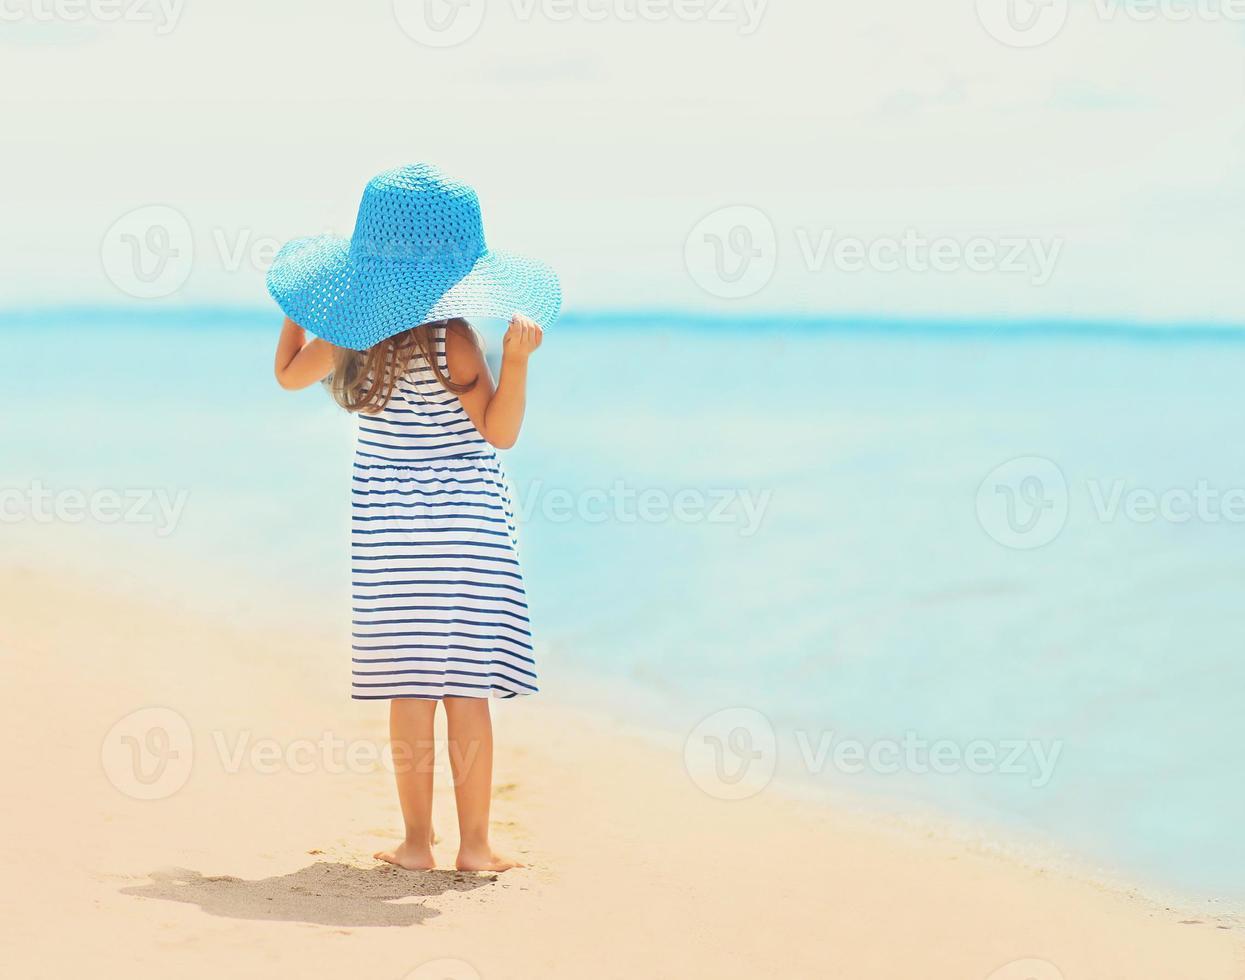 söt liten flicka i klänning och stråhatt njuter av havet foto